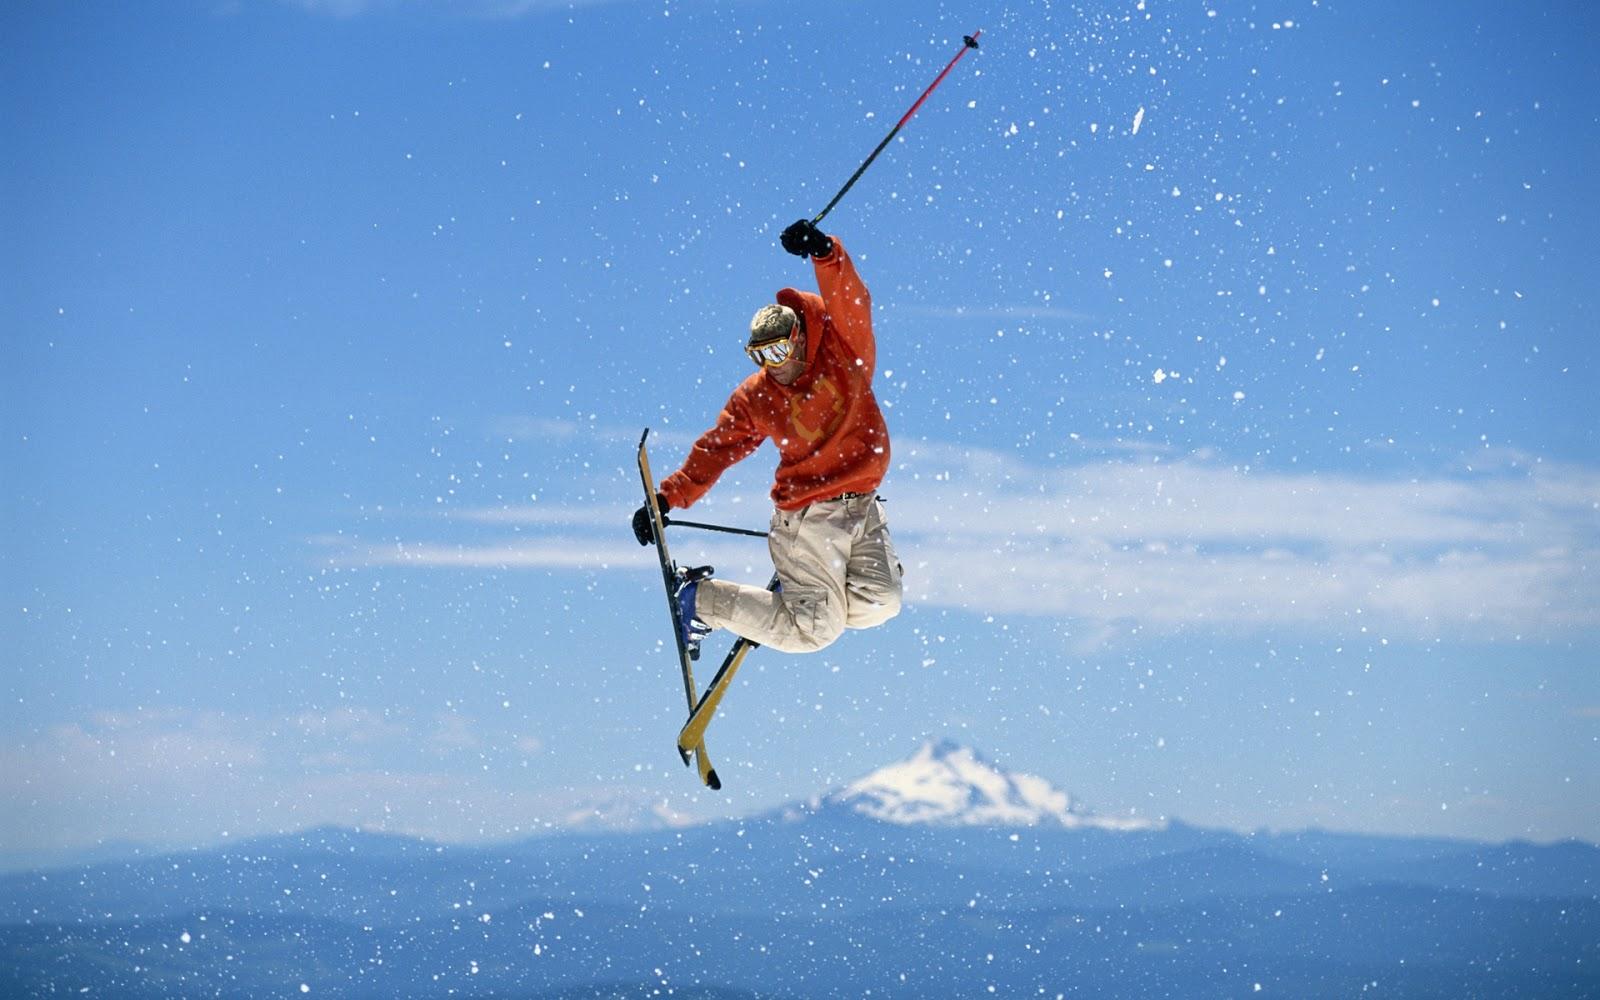 http://4.bp.blogspot.com/-CqnliFcbn10/URCqq0WM1vI/AAAAAAAAAl4/5KiRDeNTpVs/s1600/skiing+hd+wallpapers+6.jpg